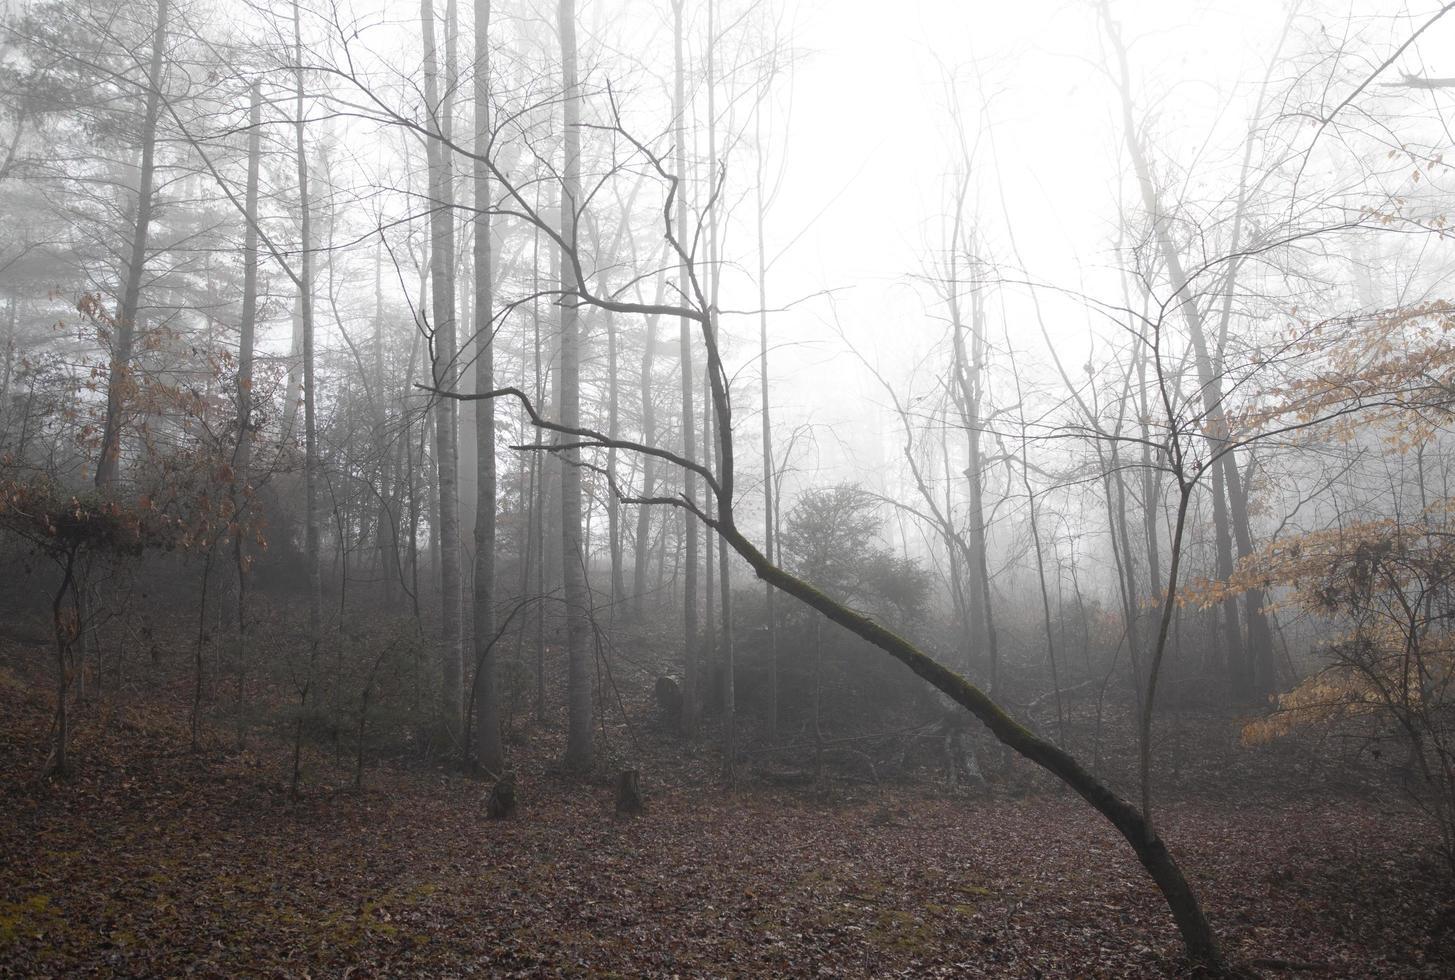 clareira na floresta rural em uma manhã nevoenta de inverno foto